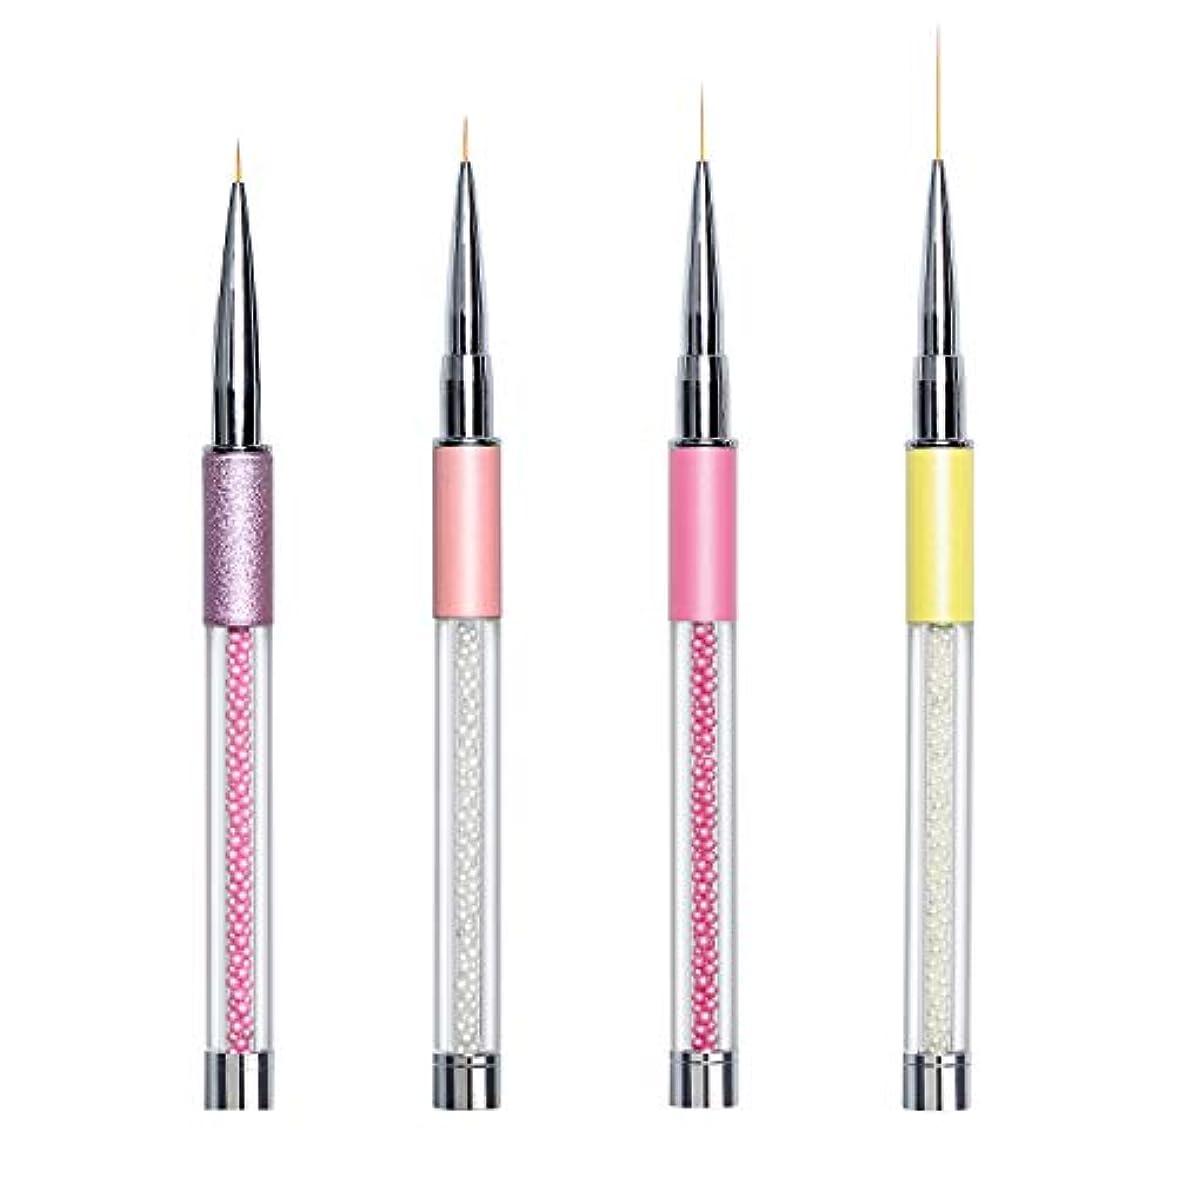 サミットインペリアル記述するZhichengbosi ネールアートペン ネールブラシセット マニキュアツールキット 高品質 ネイルデザイン ドットペン 4本セット(細いセット)